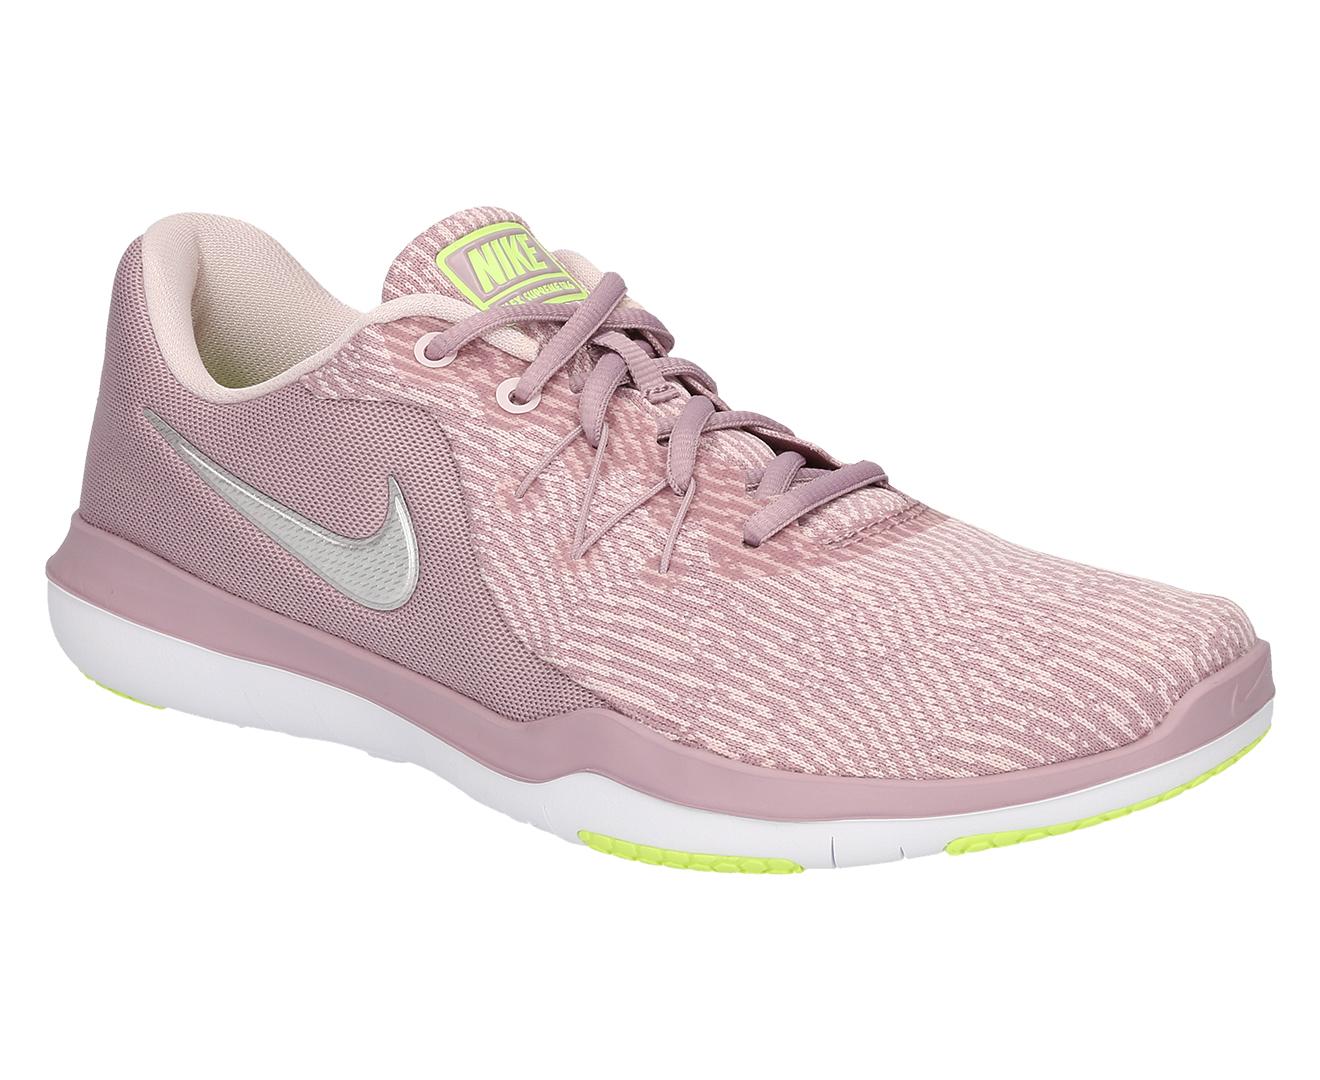 d585df9f0e9e Nike Women s Flex Supreme TR 6 Shoe - Elemental Rose Metallic Silver ...